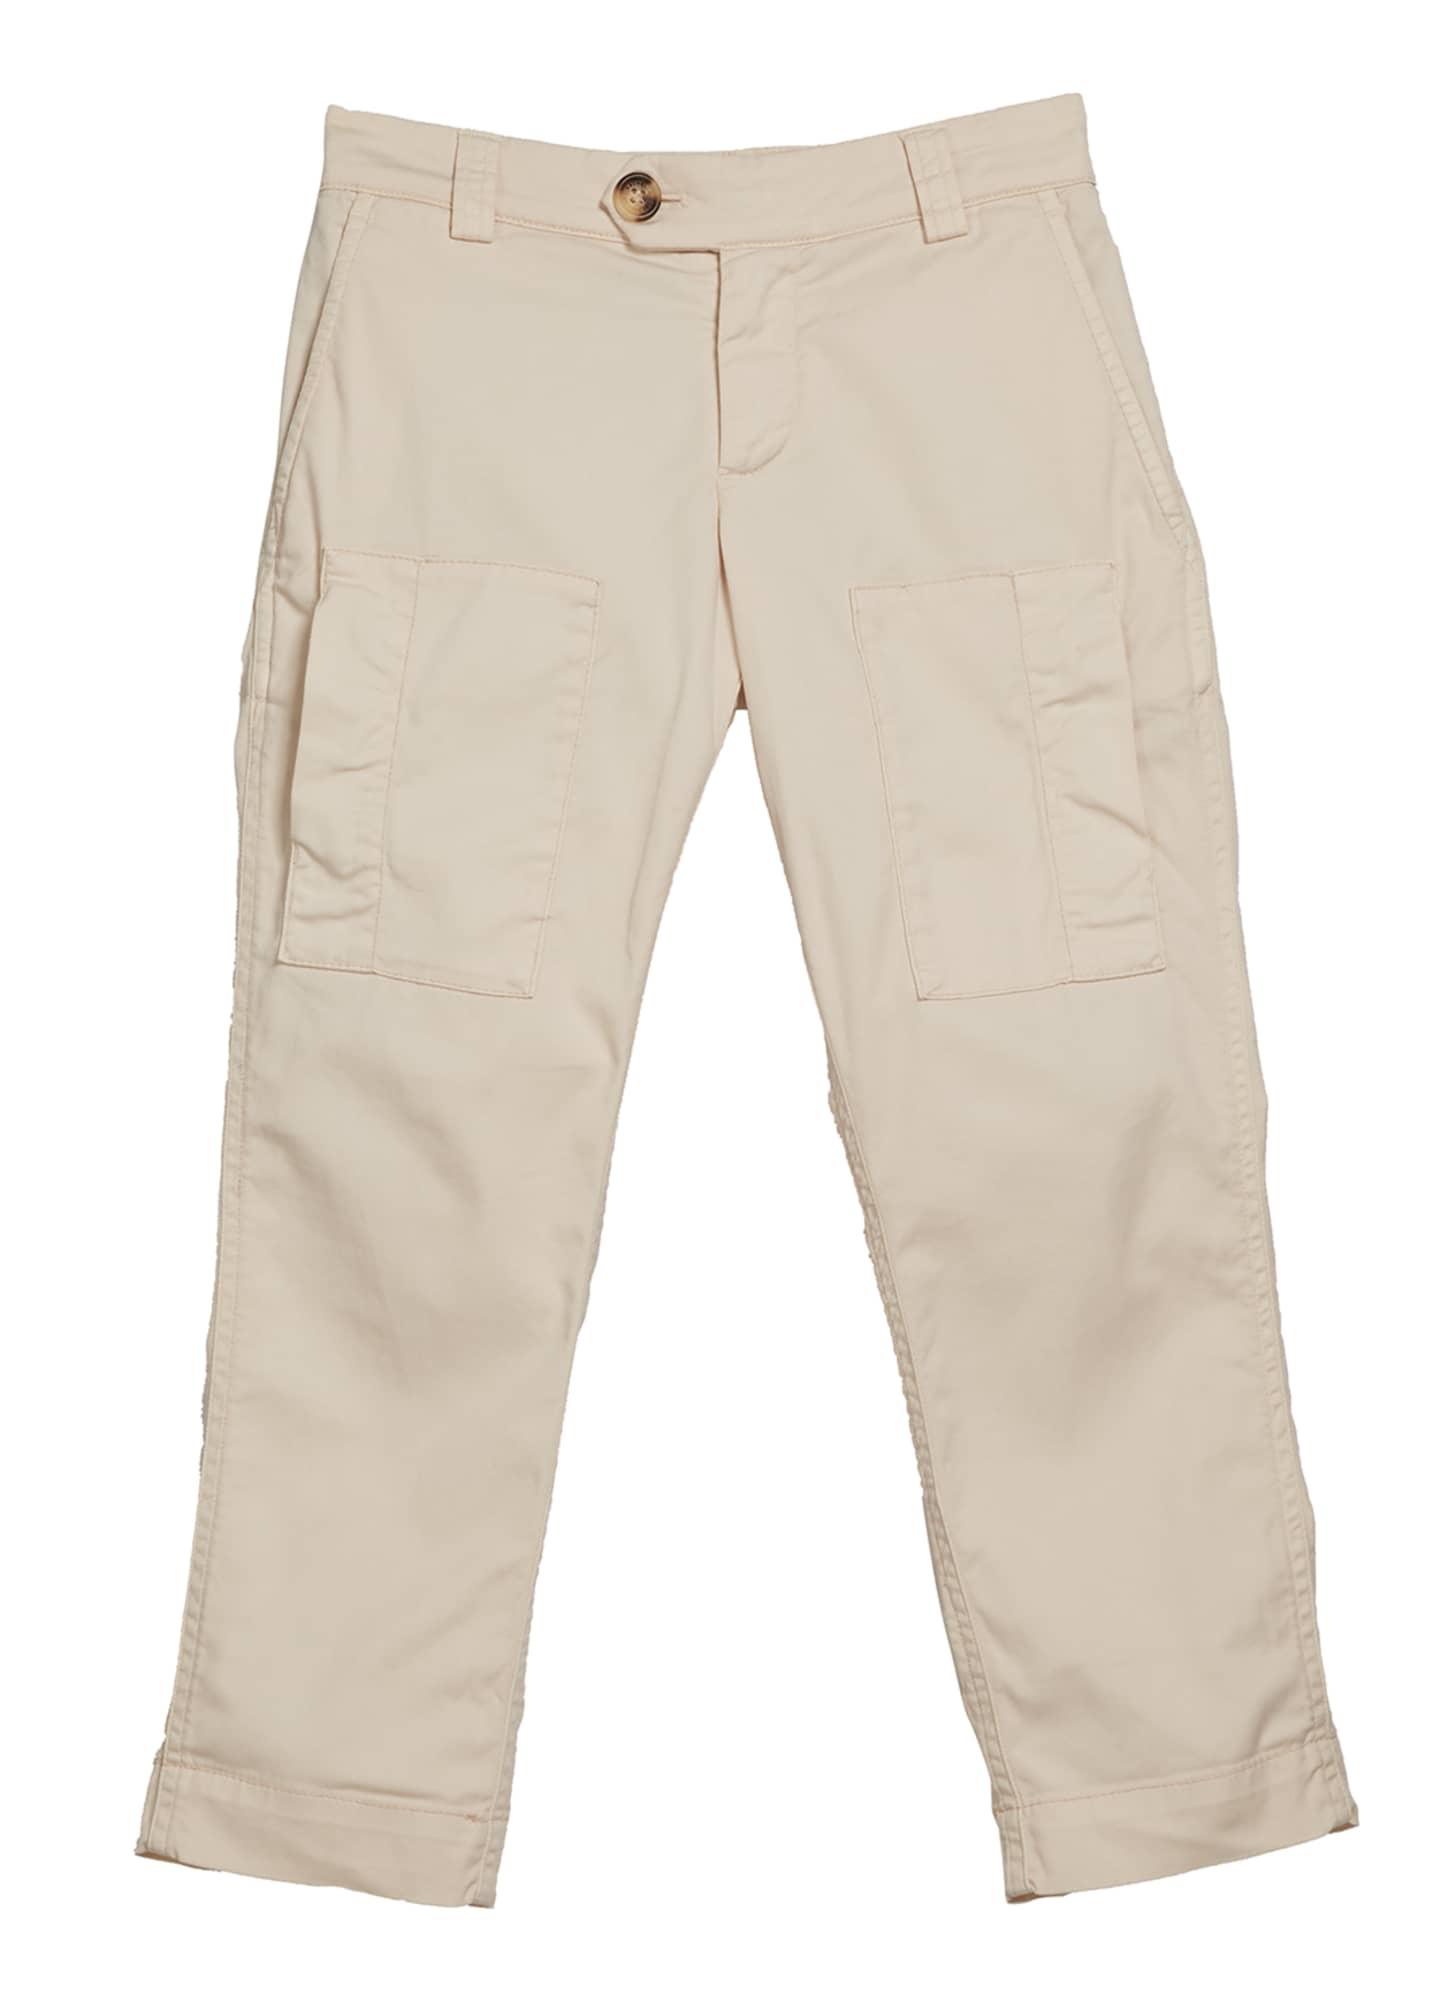 Brunello Cucinelli Boy's Cotton Cargo Pants, Size 8-10